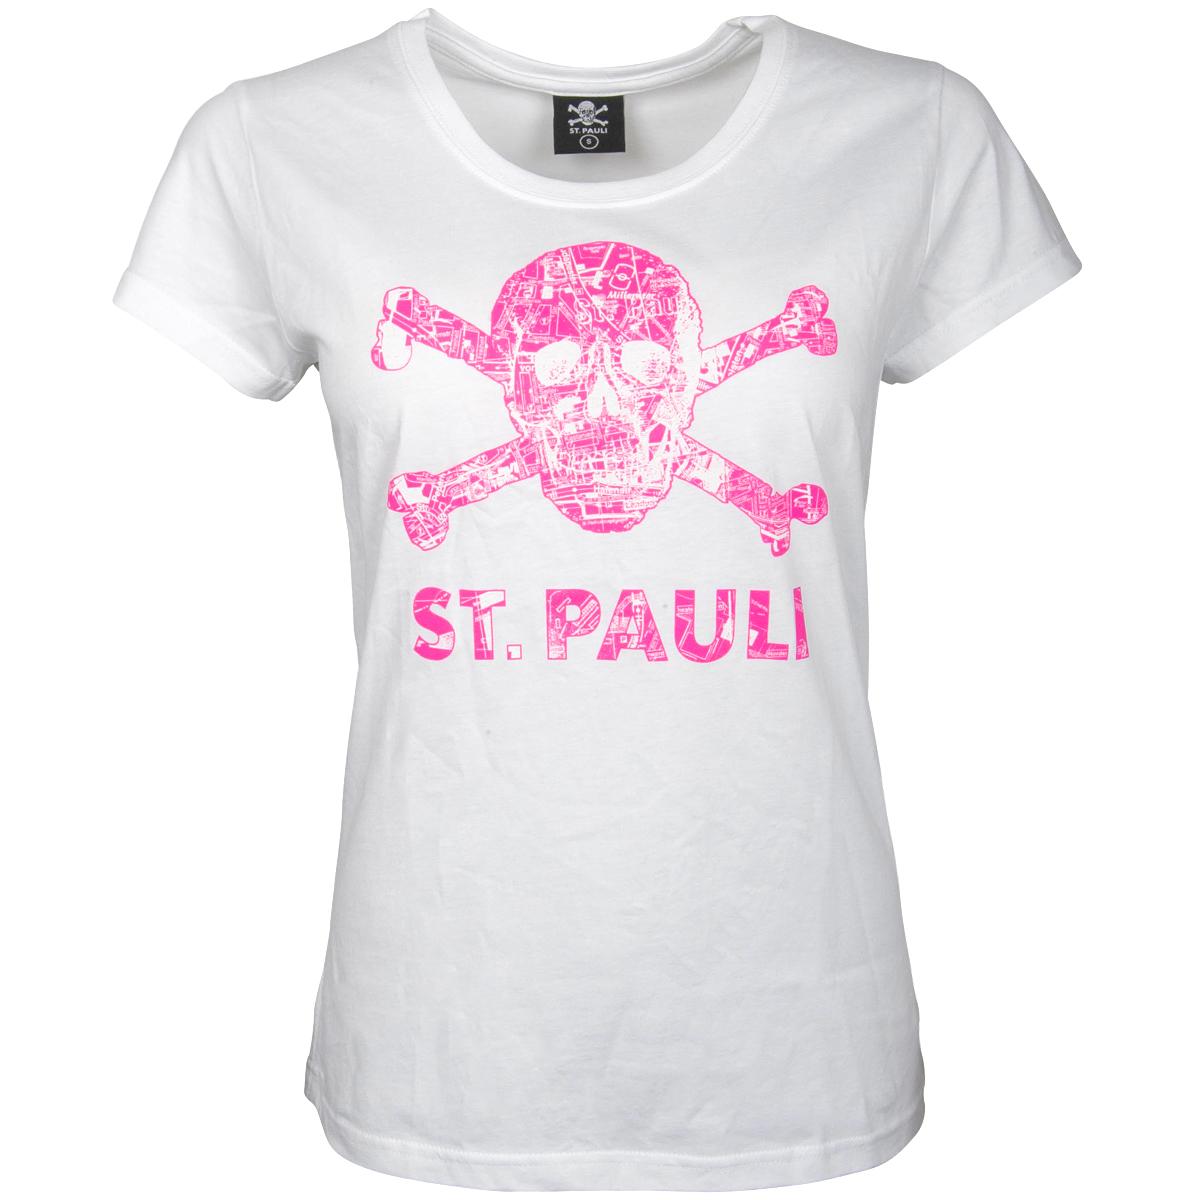 FC St. Pauli - Damen T-Shirt Totenkopf Stadtplan Weiss-Pink - weiß